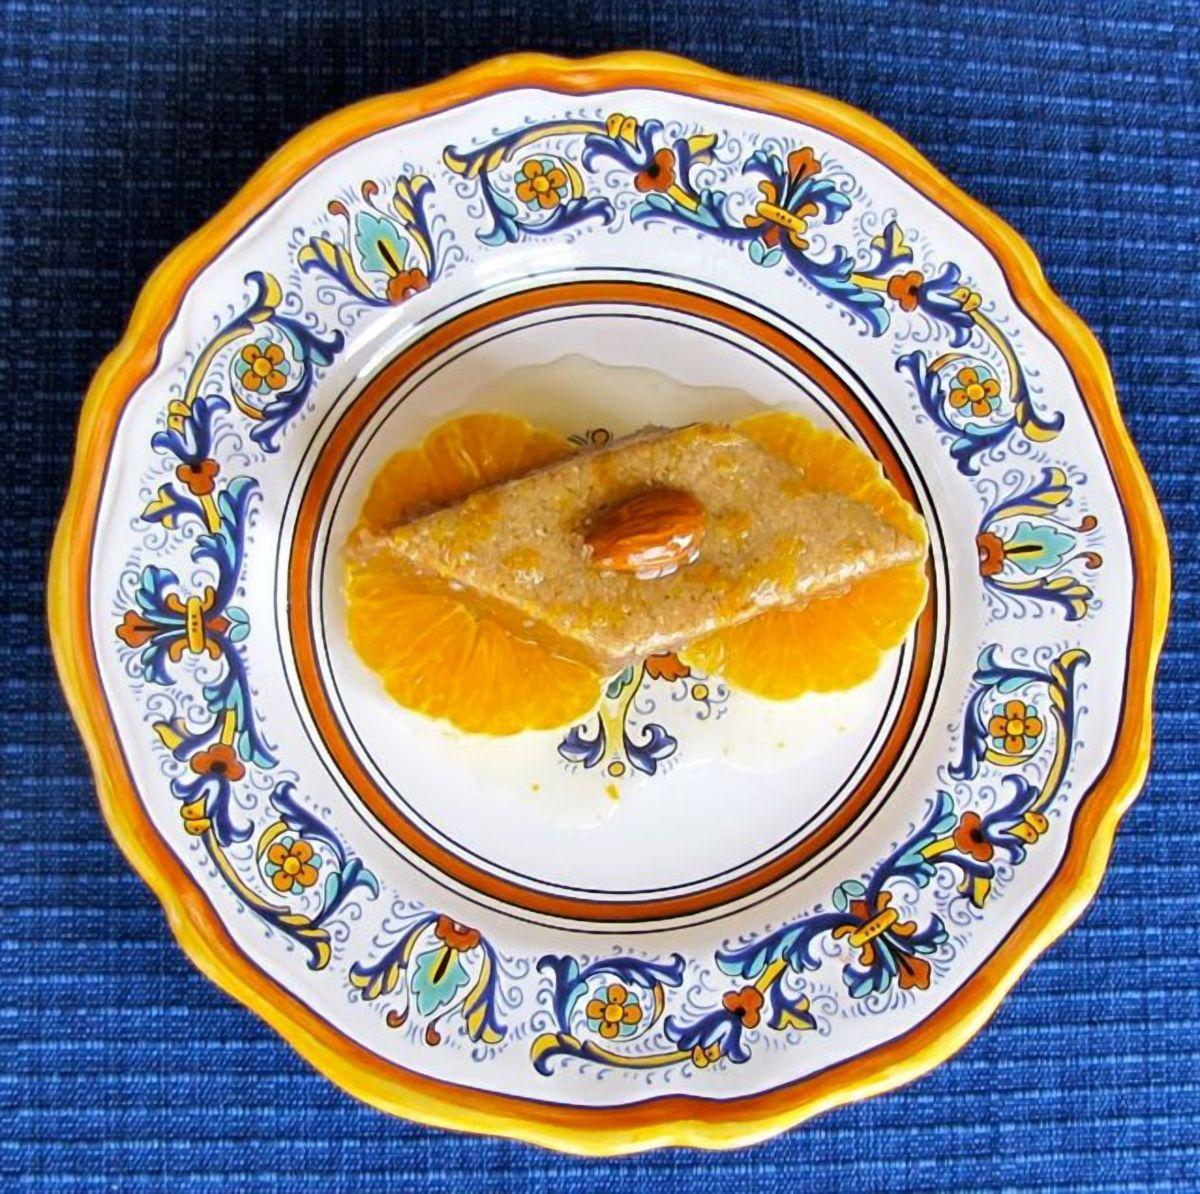 Tishpishti - Kosher for Passover cake soaked in sweet orange blossom syrup. Exotic Turkish recipe.